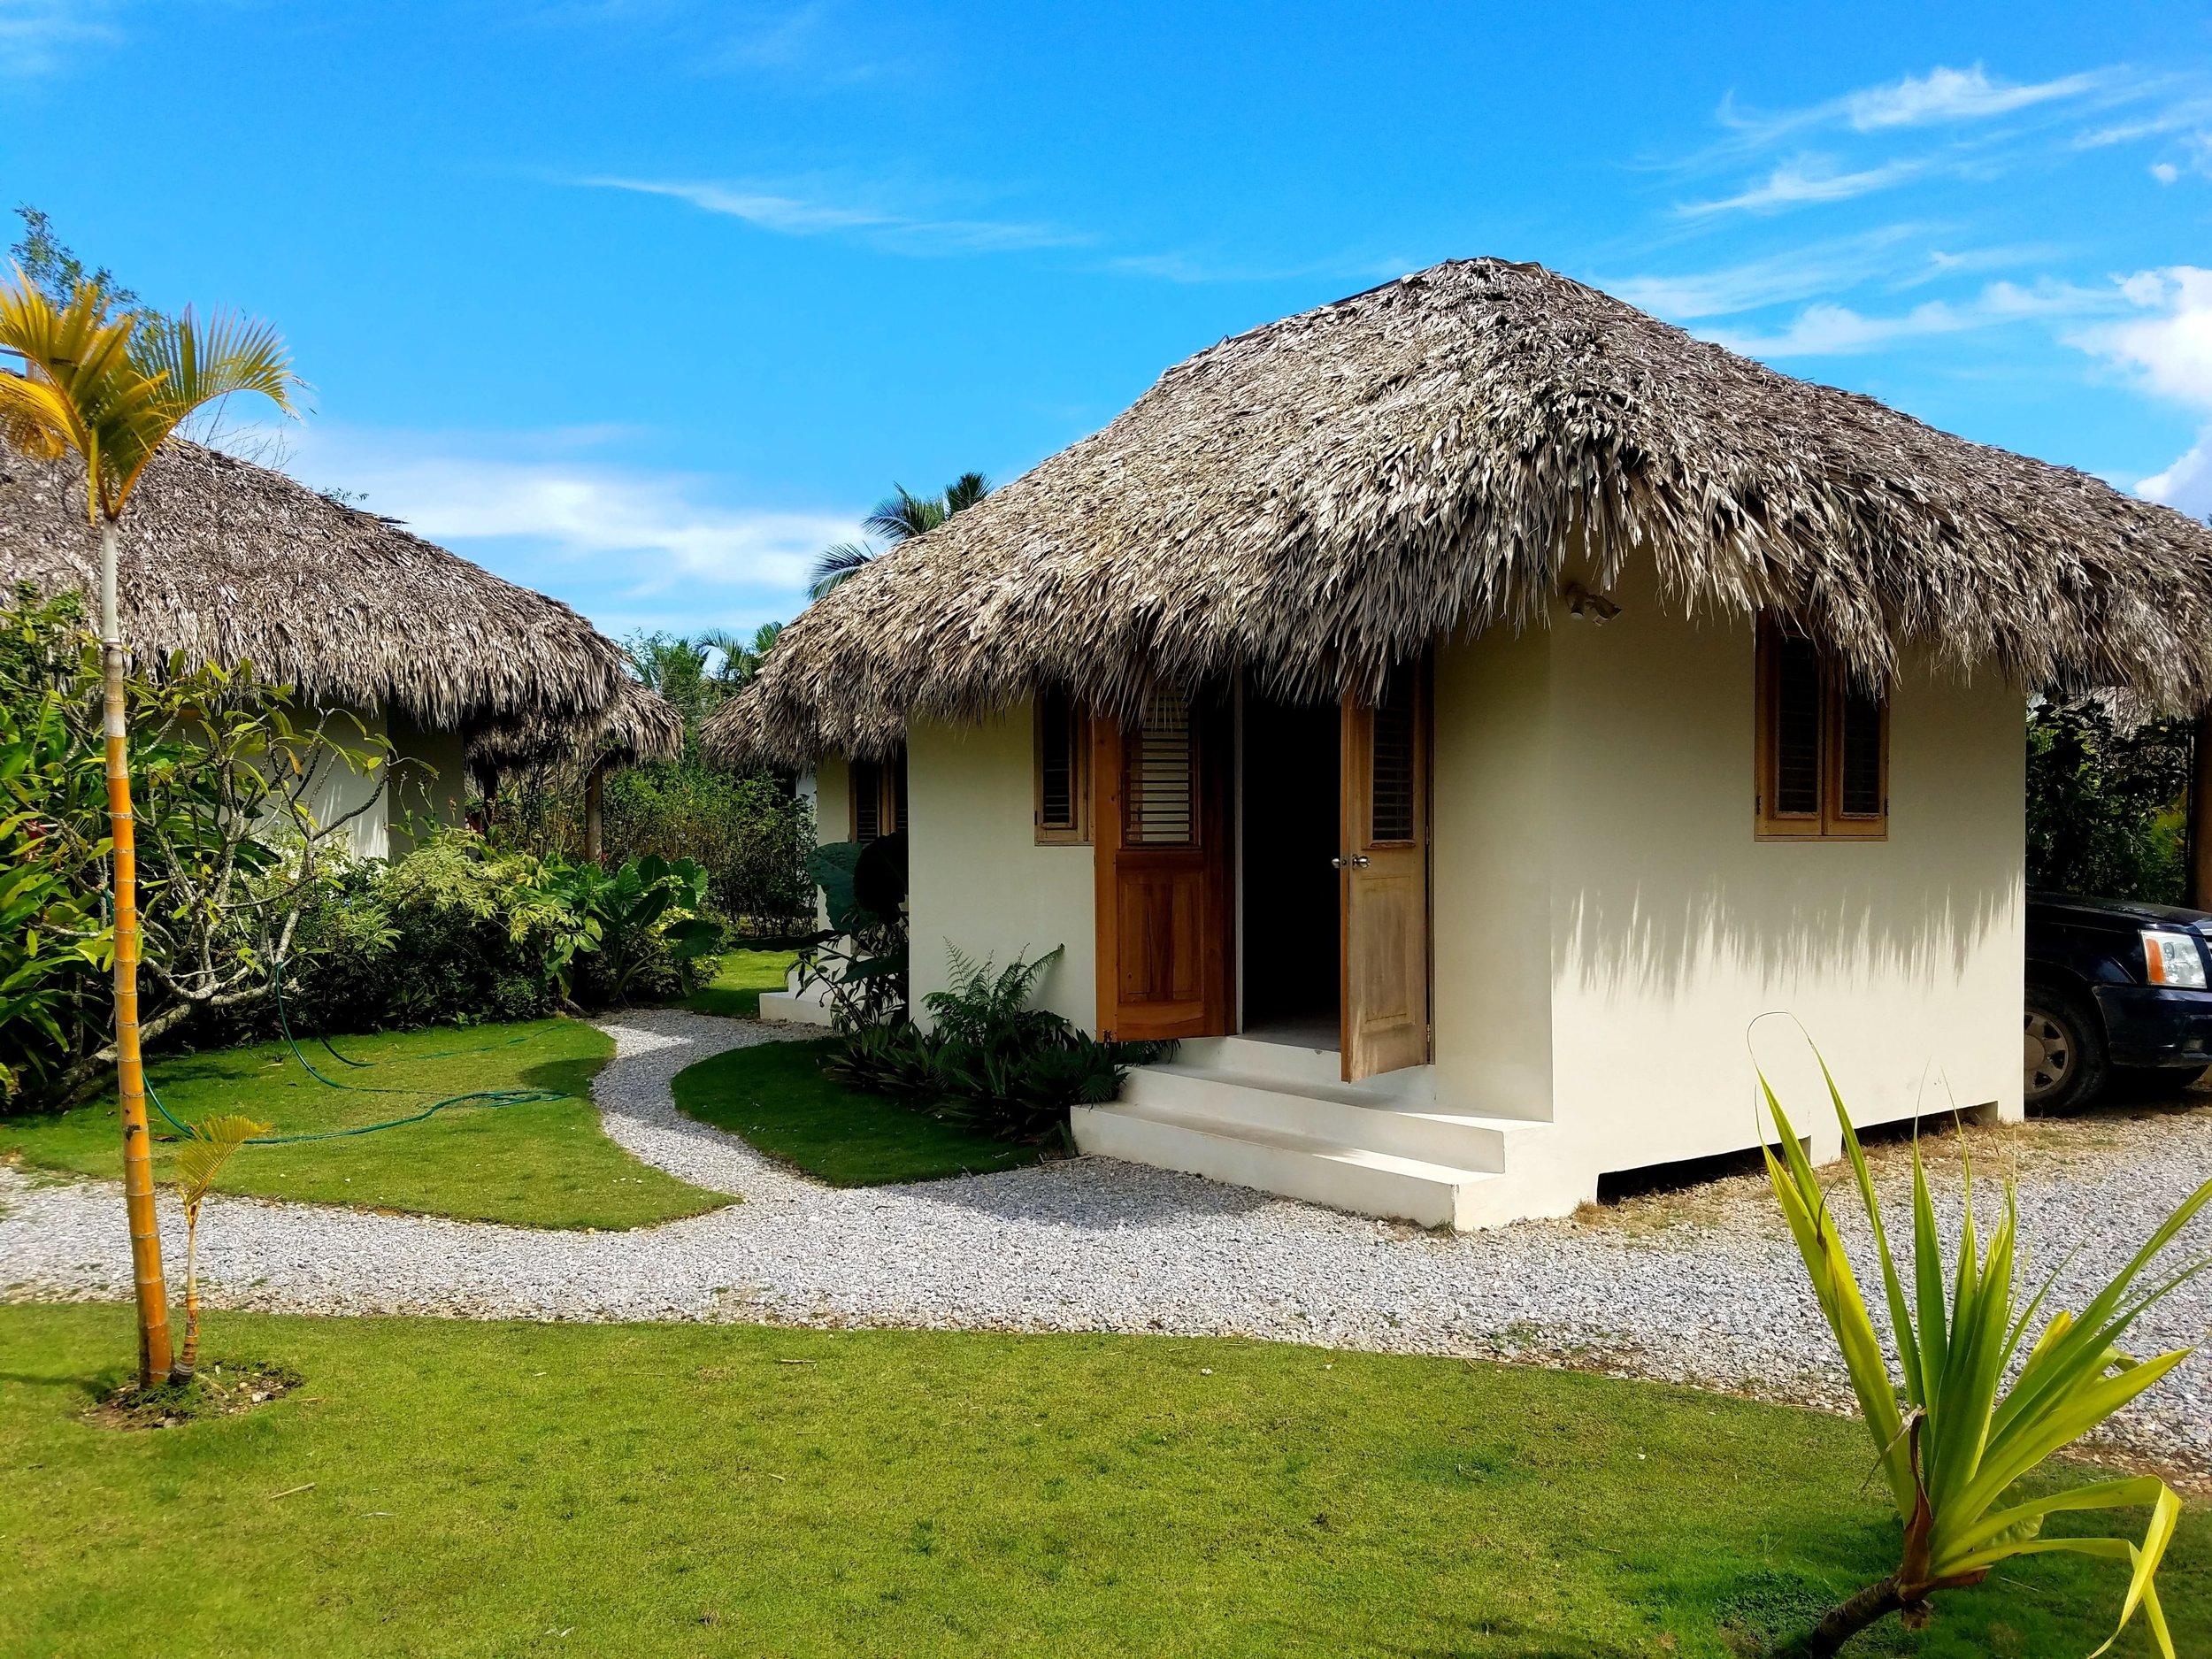 Villa las for rent Las Terrenas Las Flores1-min.jpg